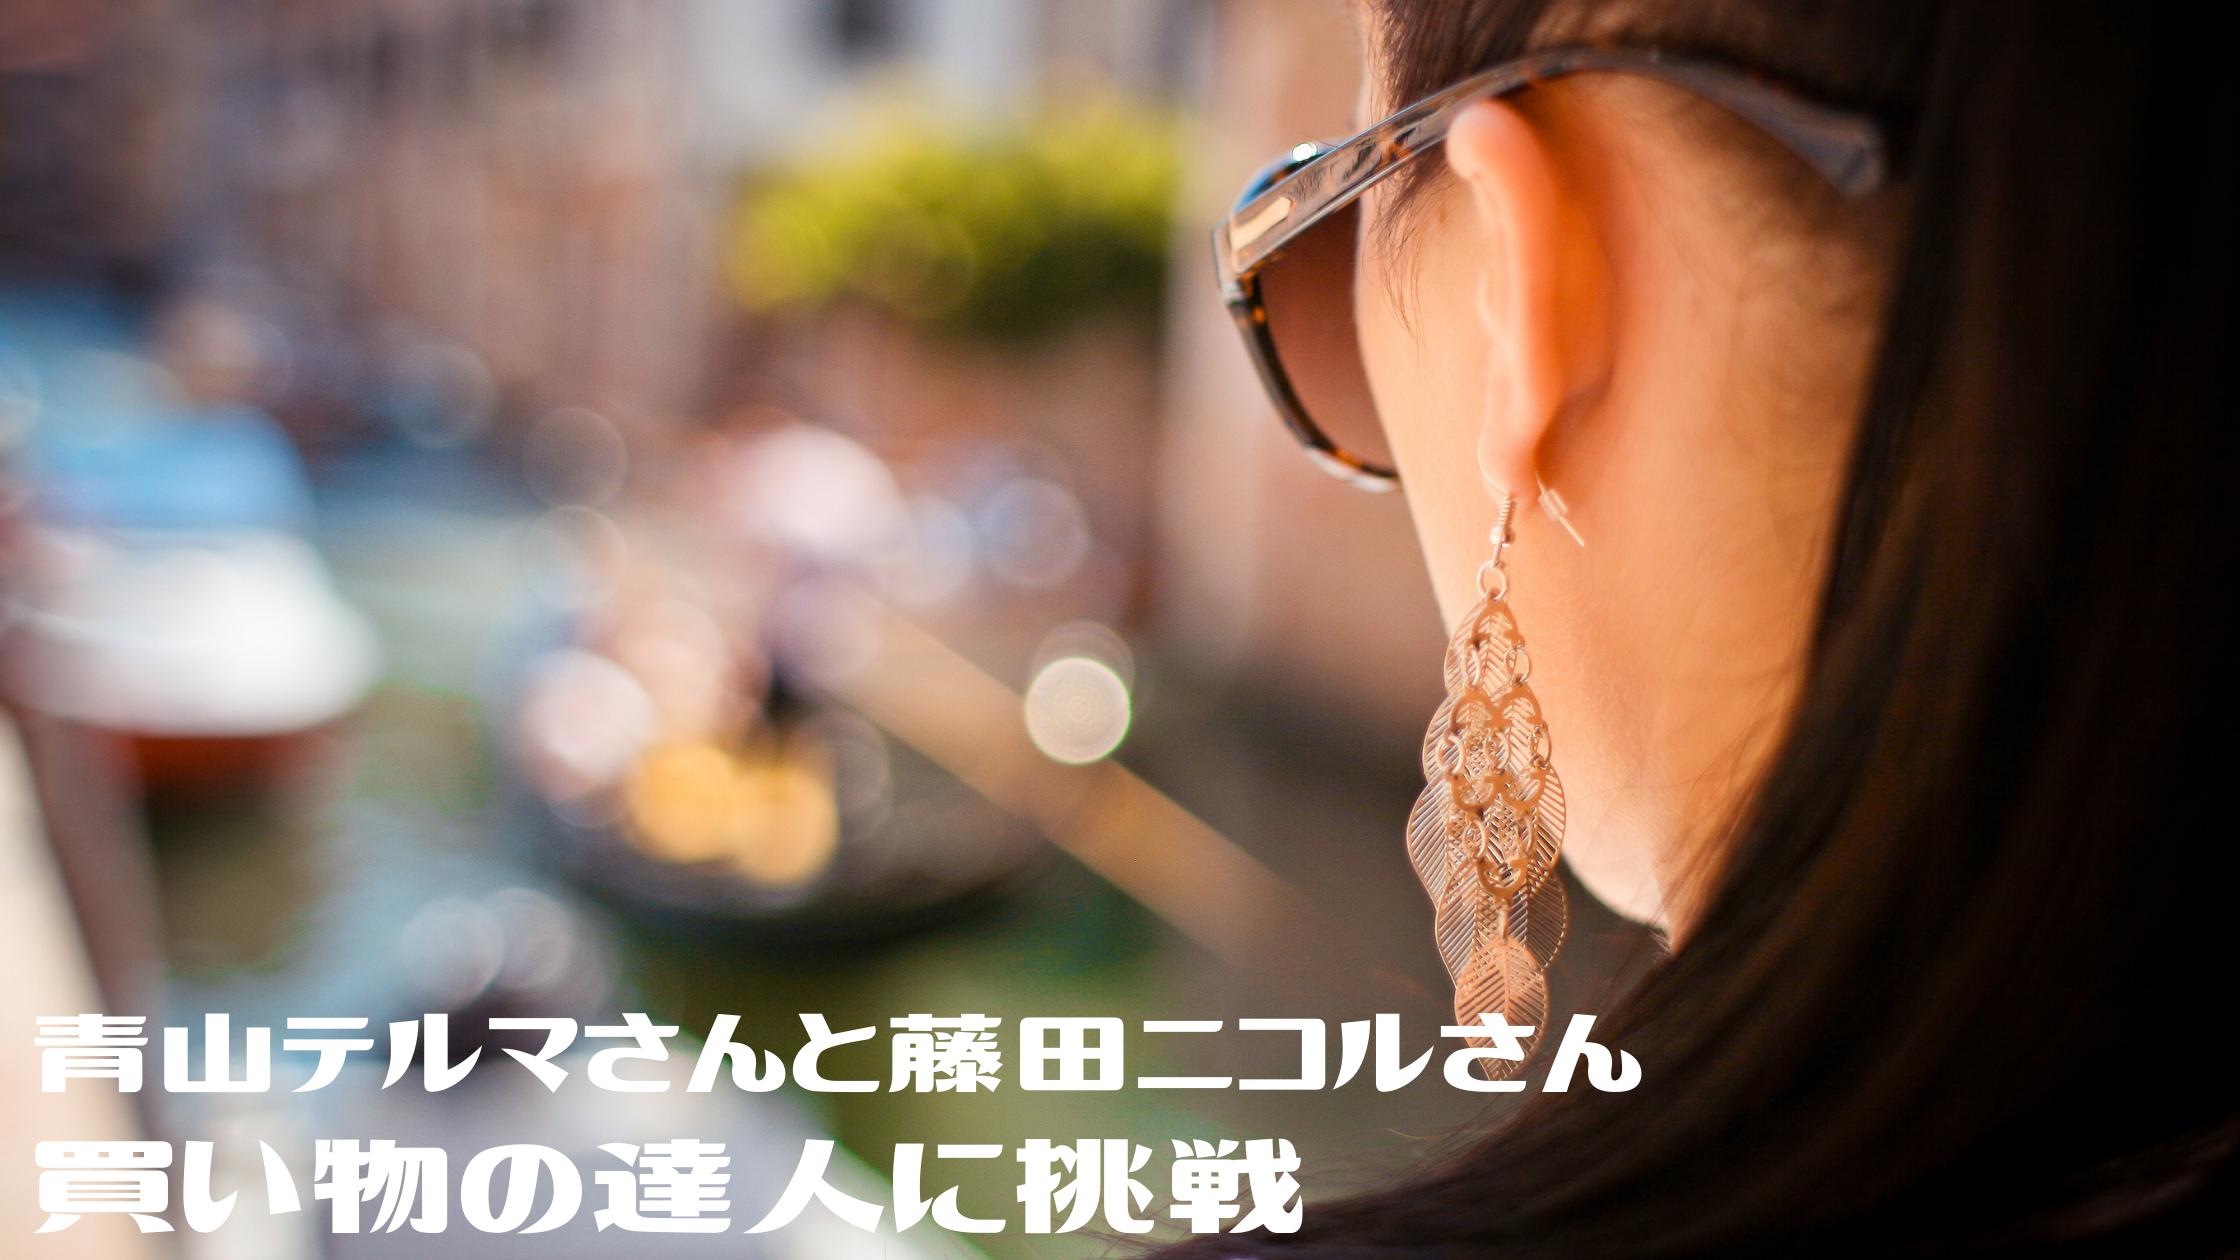 【王様のブランチ】買い物の達人『Yogibo』『アクセサリー』